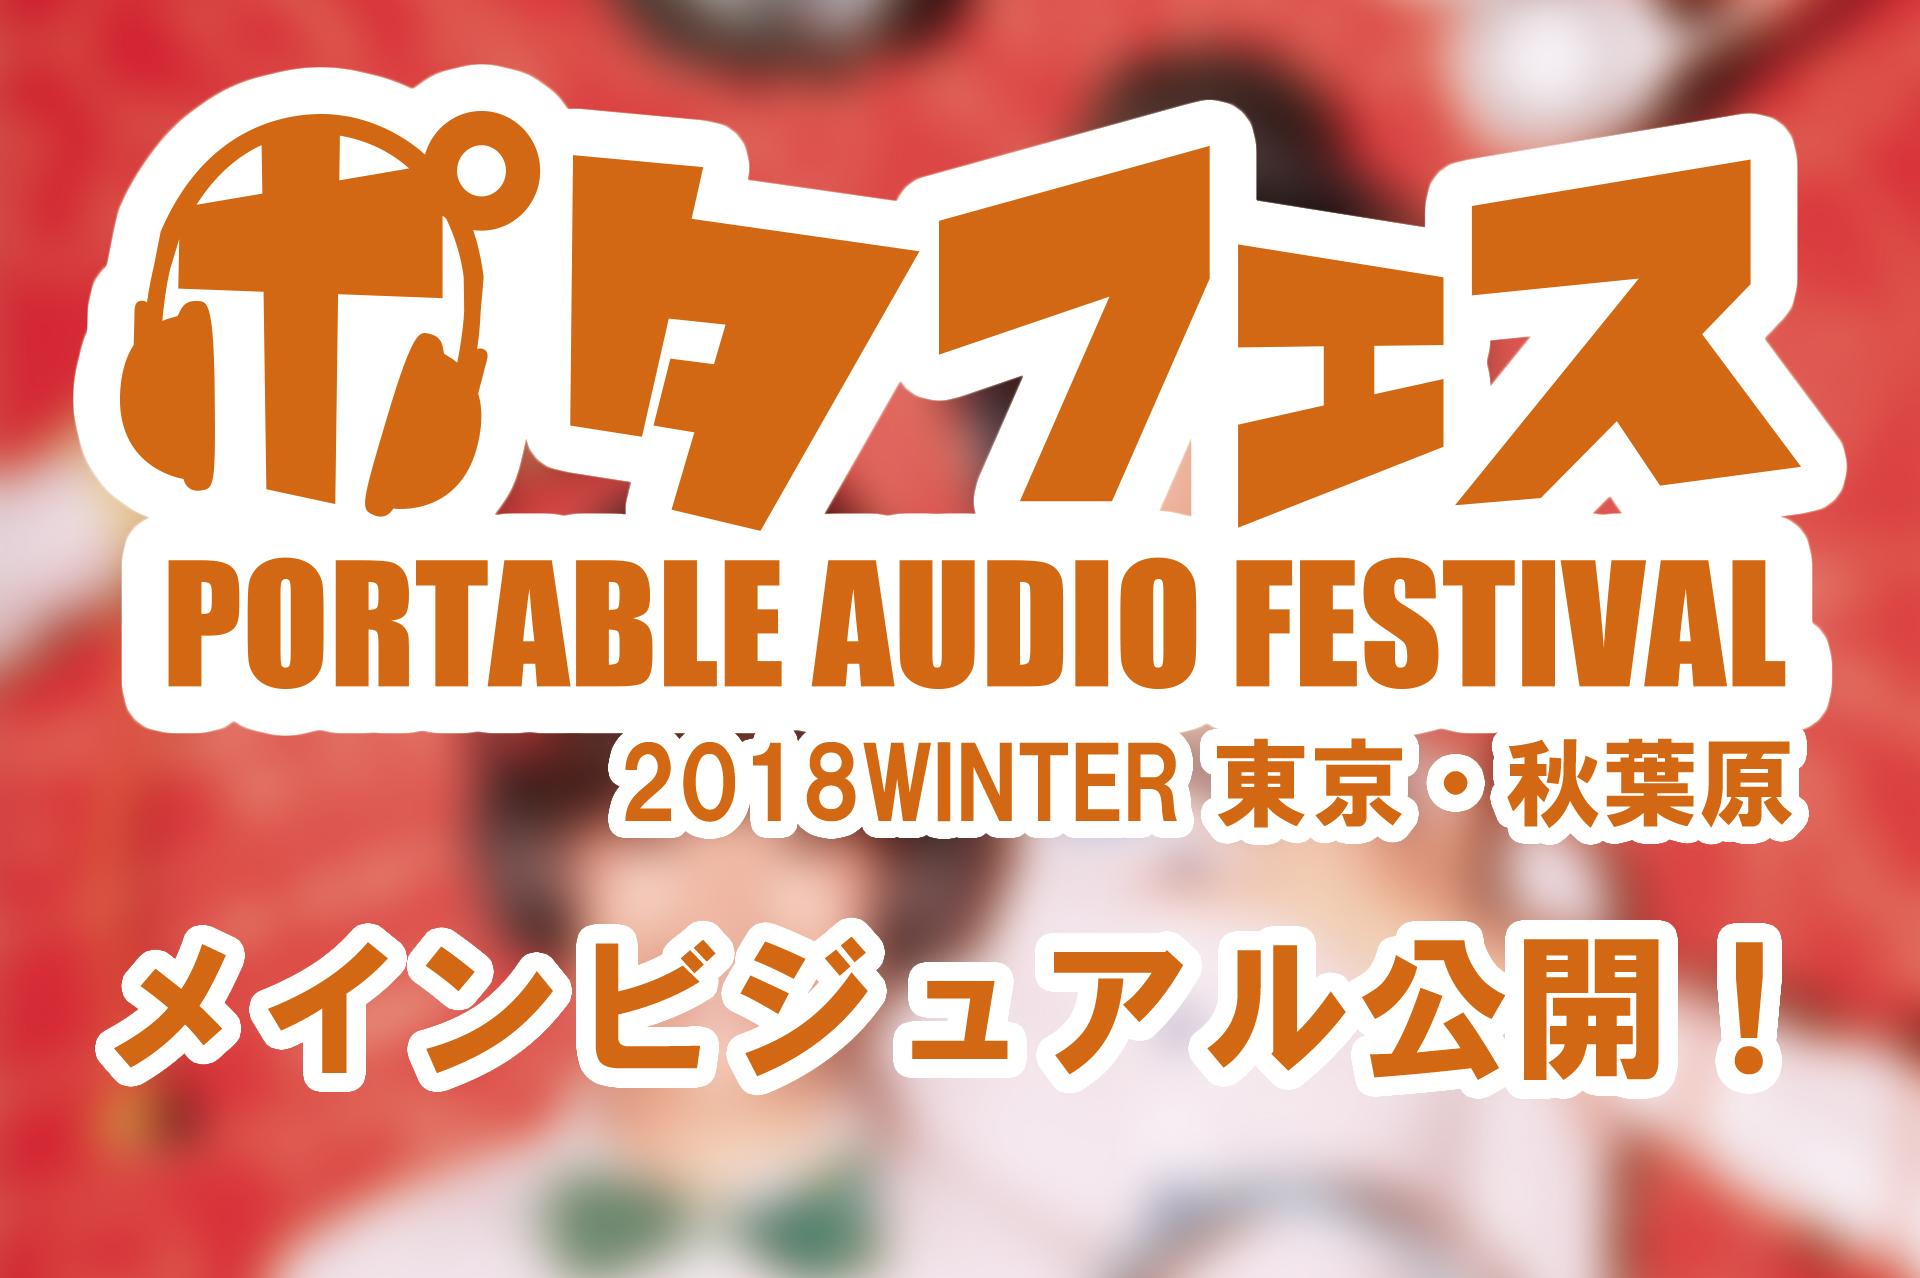 【メインビジュアル公開!】ポタフェス秋 東京・秋葉原のメインビジュアルが公開しました!